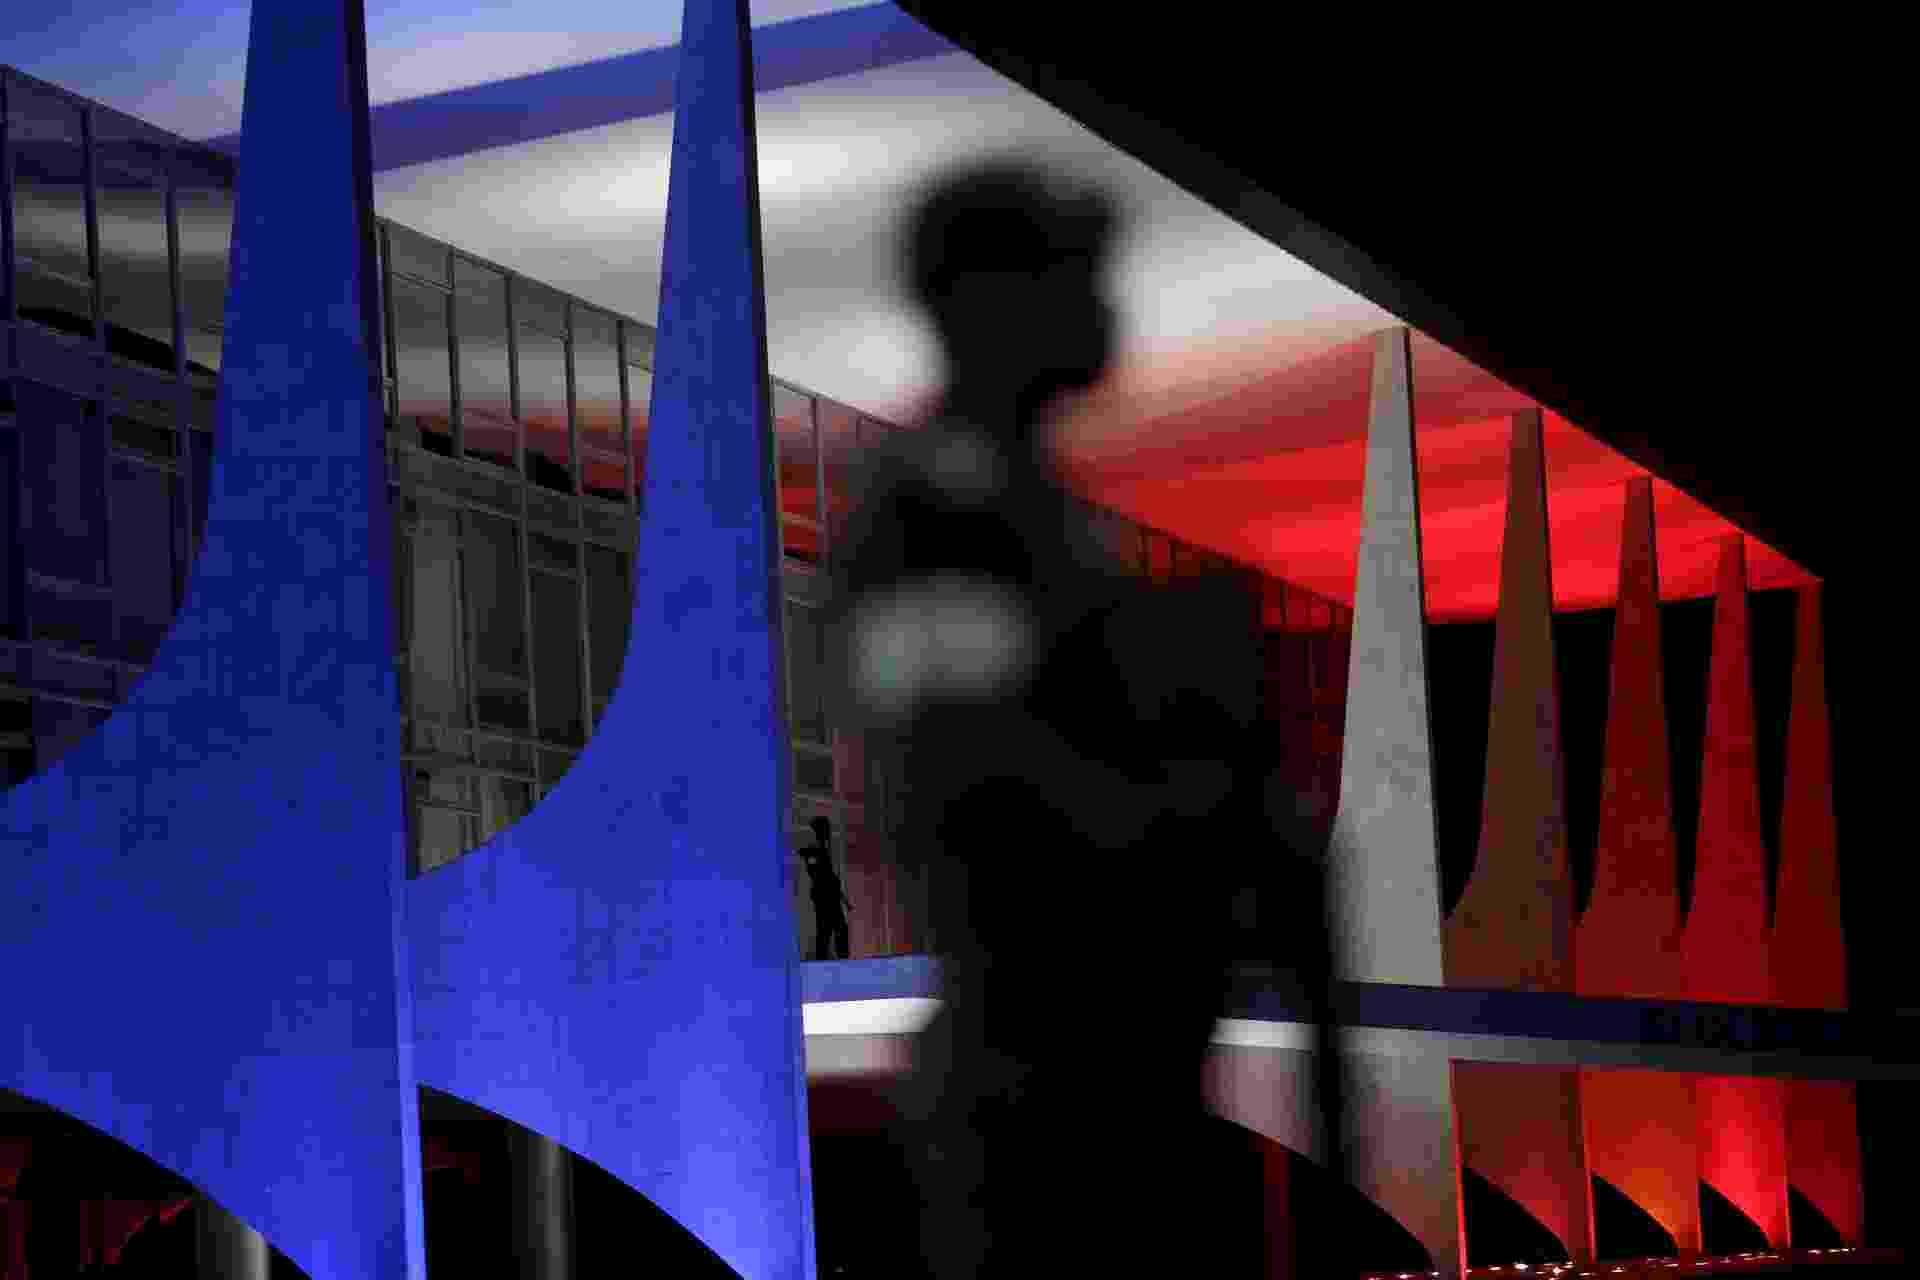 """14.nov.2015 - O Palácio do Planalto, em Brasília, é iluminado com as cores da bandeira francesa, em homenagem às vítimas da série de atentados cometidos na sexta-feira em Paris, e que deixou pelo menos 129 mortos. O Estado Islâmico assumiu a autoria dos ataques, afirmando ser """"apenas o começo da tempestade"""" - Ueslei Marcelino/Reuters"""